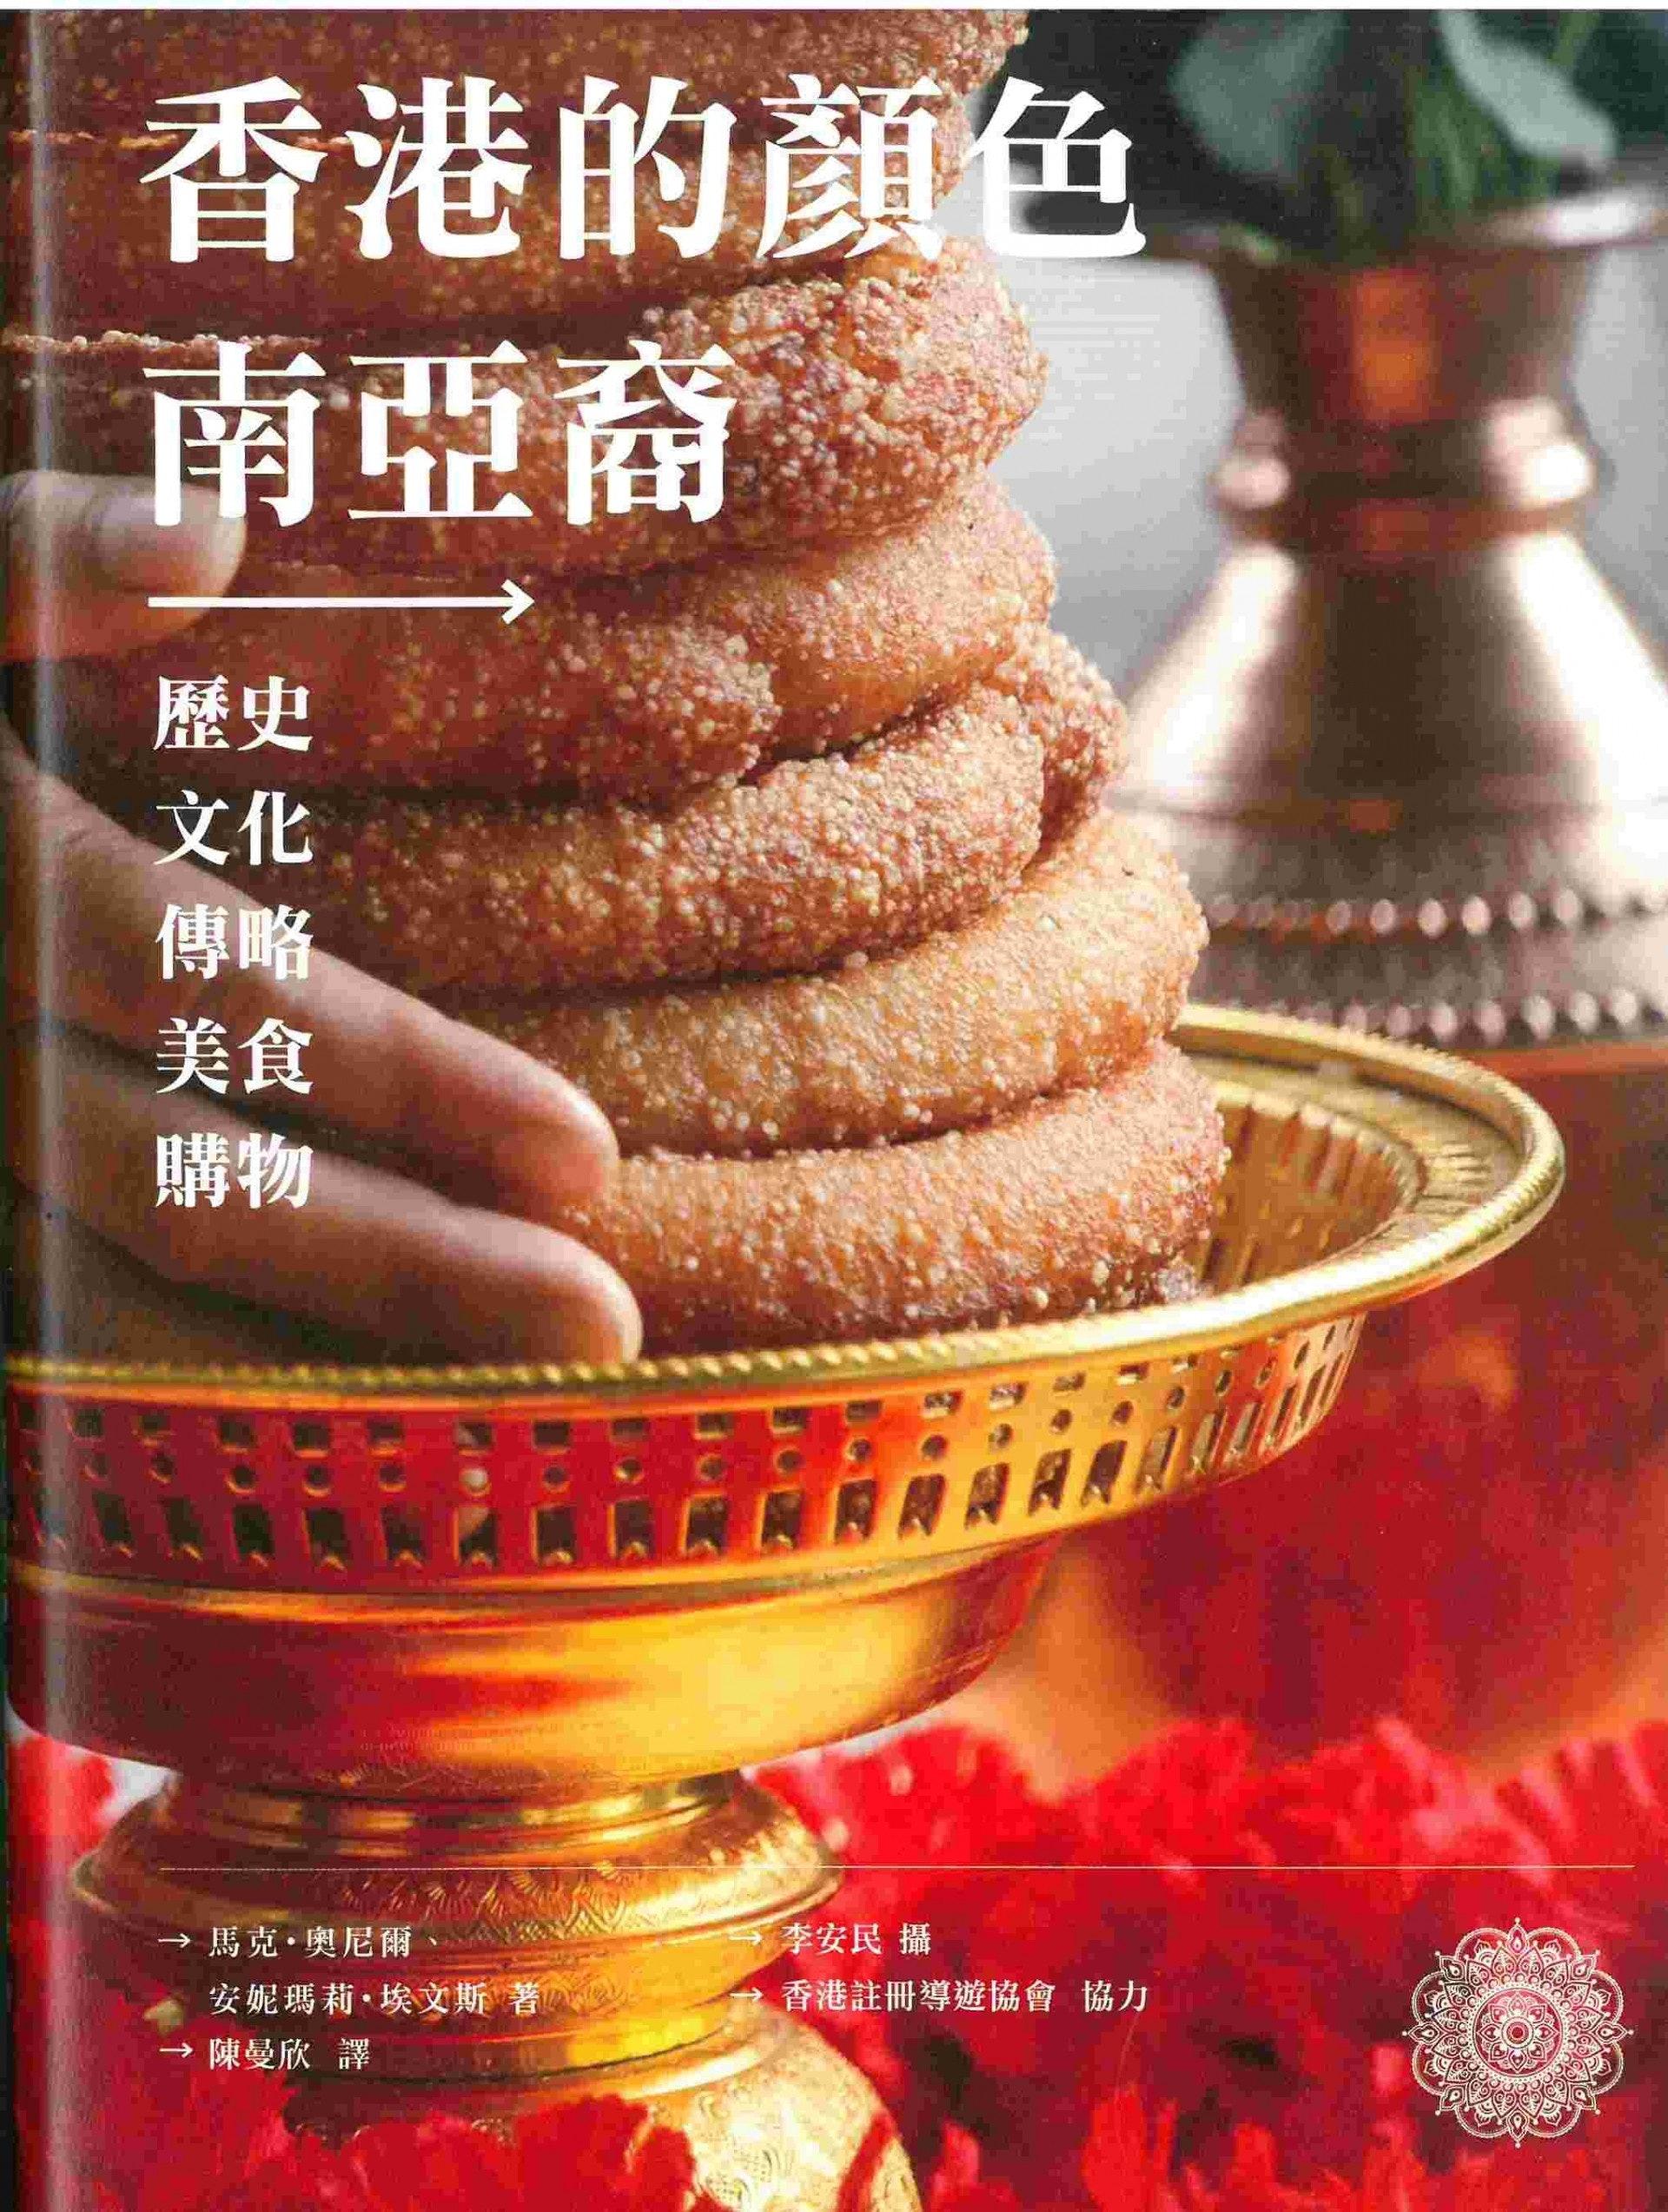 《香港的顏色南亞裔》(三聯書店提供)